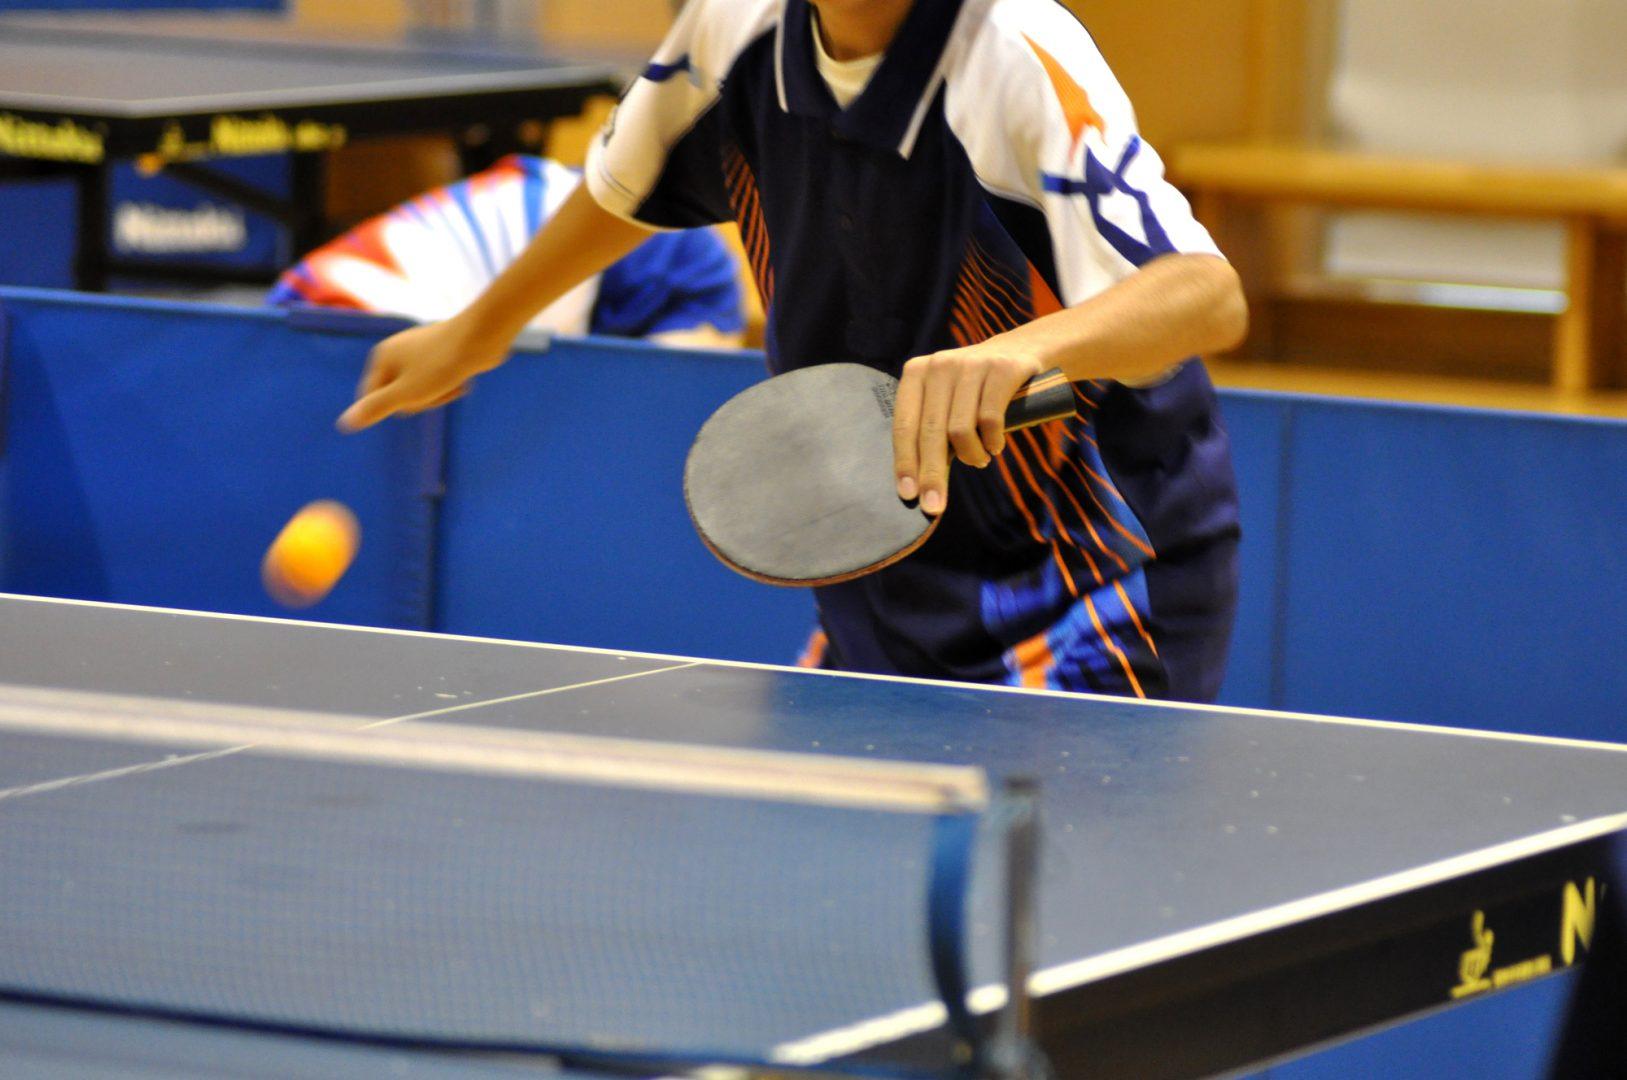 卓球はシェーク裏裏が基本?さまざまな戦型を知り、自分のプレースタイルを固めよう!